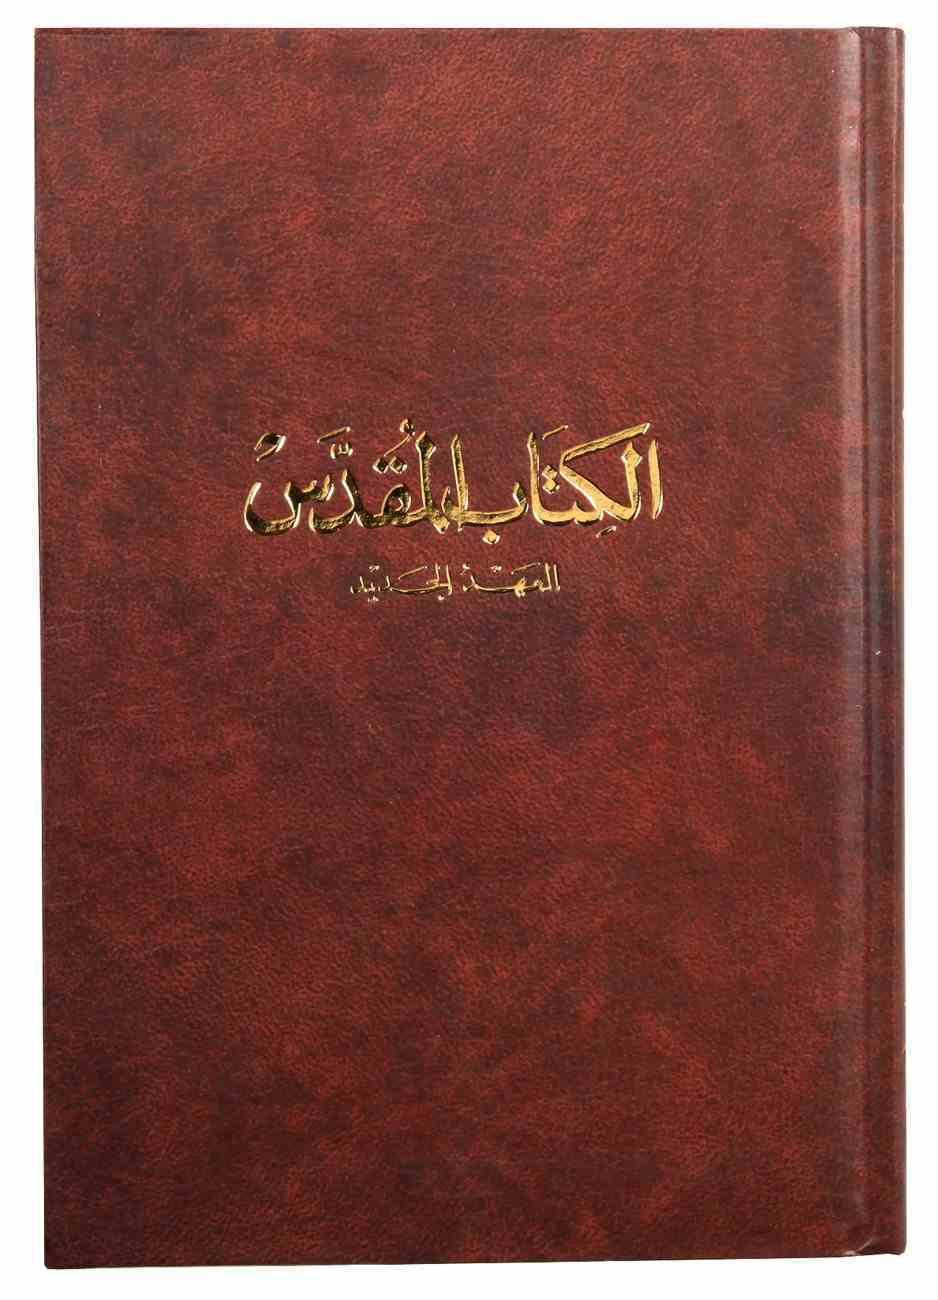 Arabic New Testament Hardback